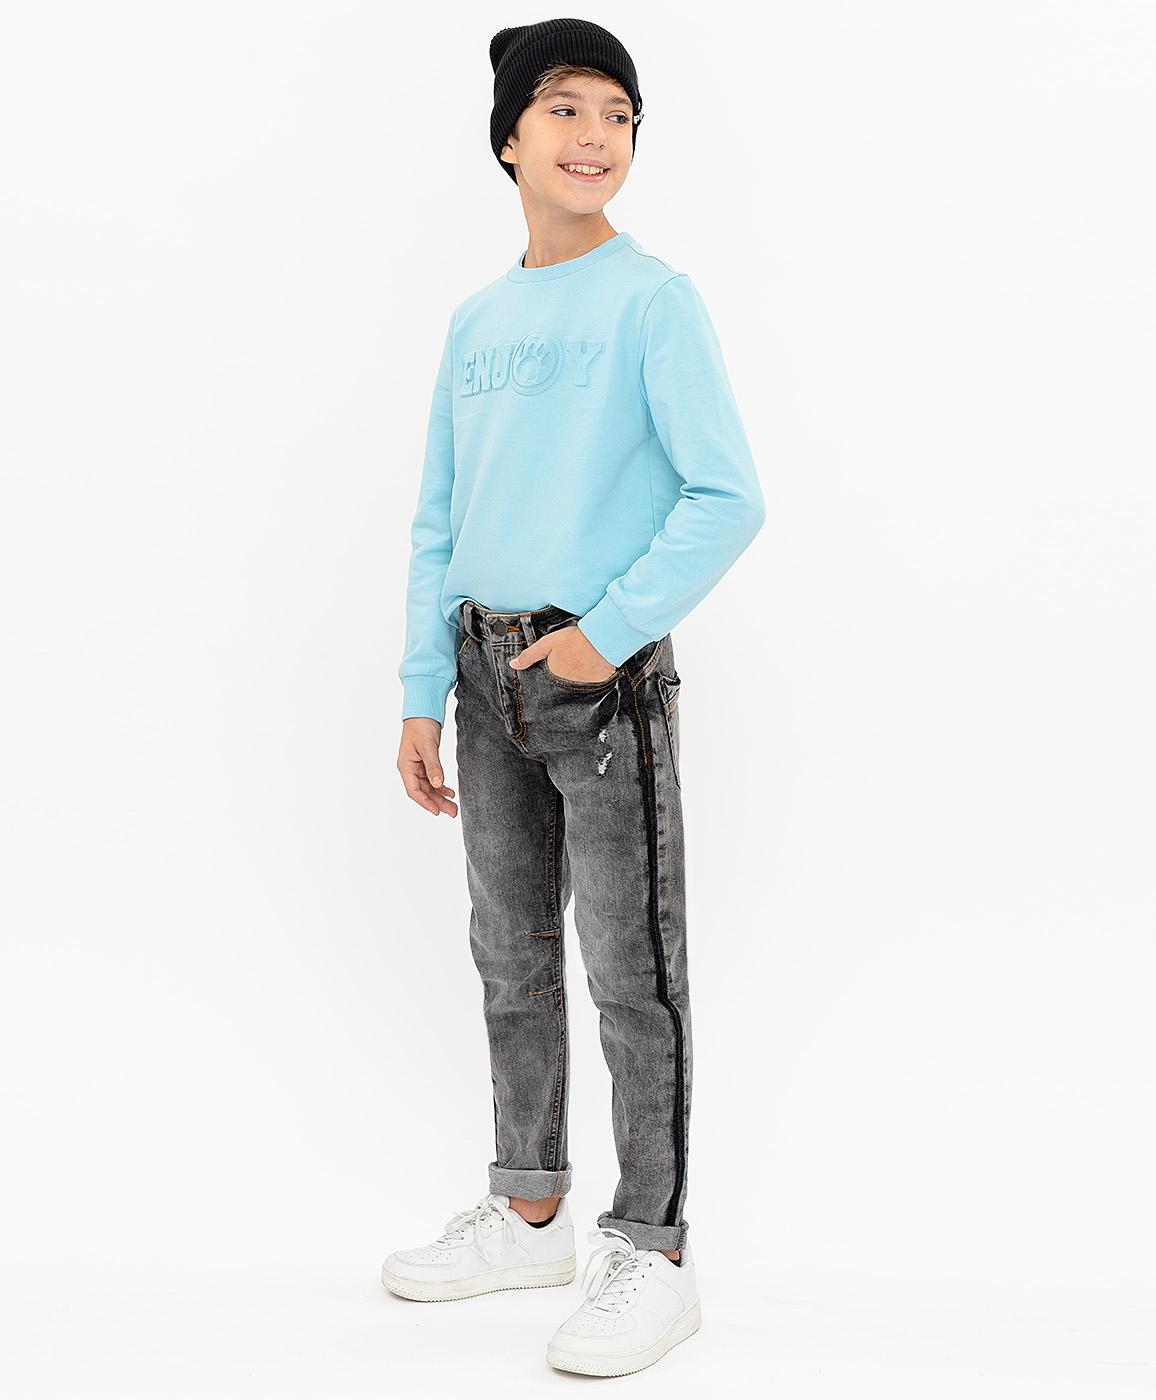 Джинсы для мальчиков Button Blue, цв. серый, р-р 152 фото